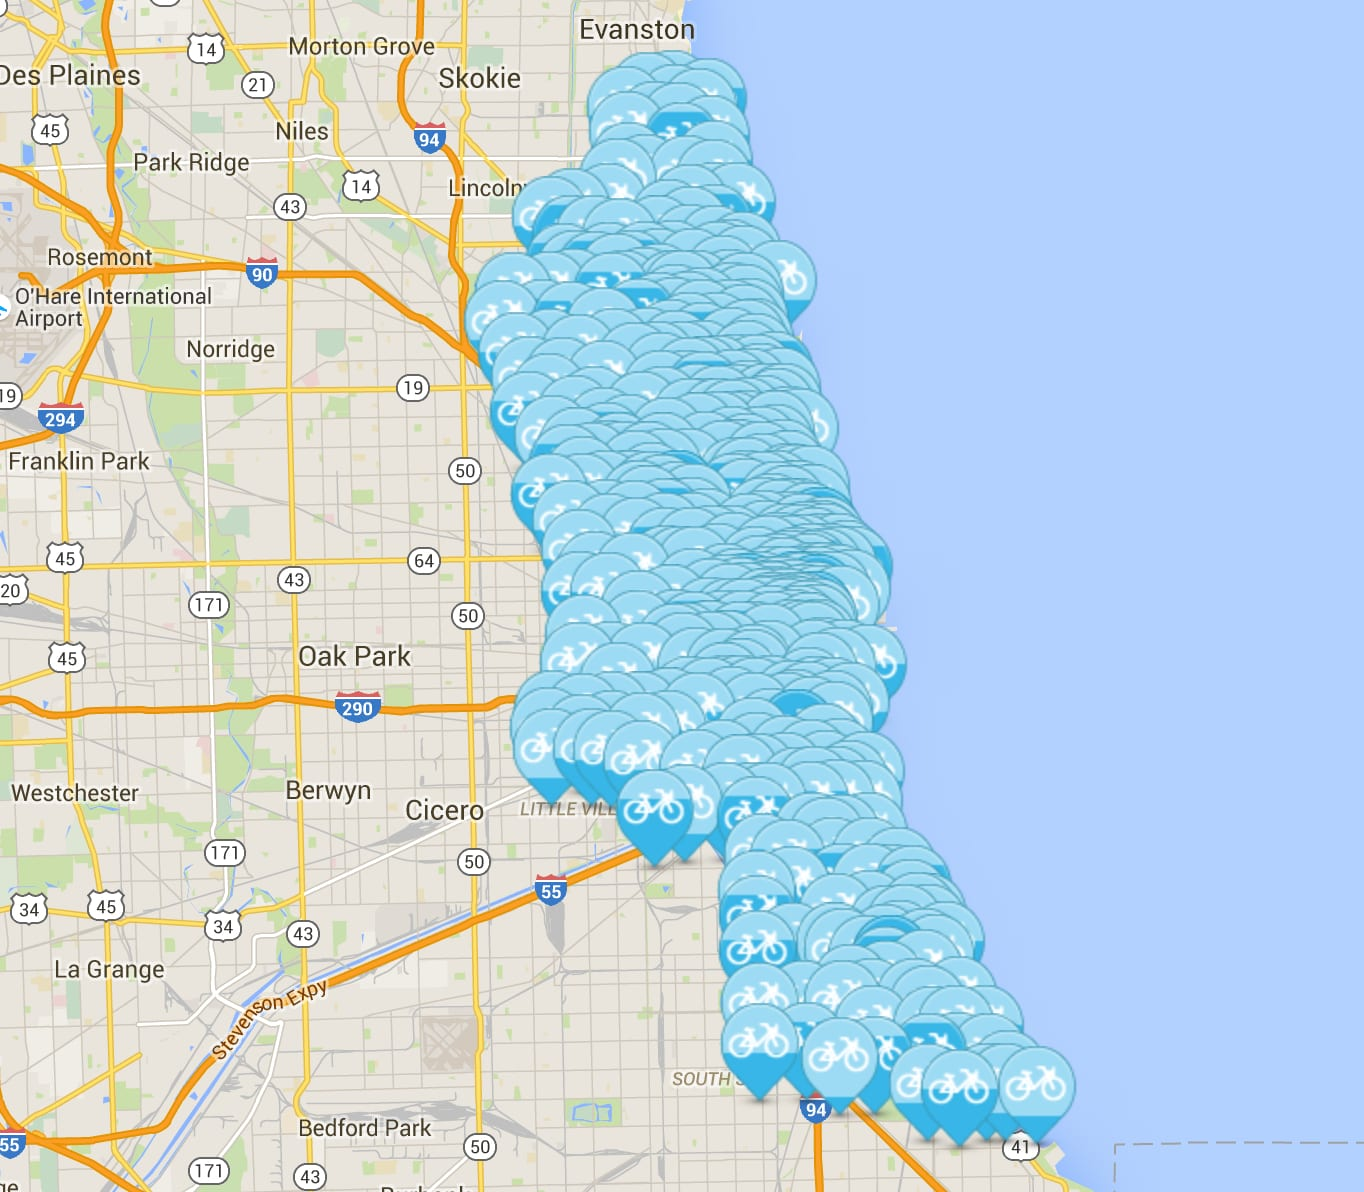 ChicagoBikeshare-Map